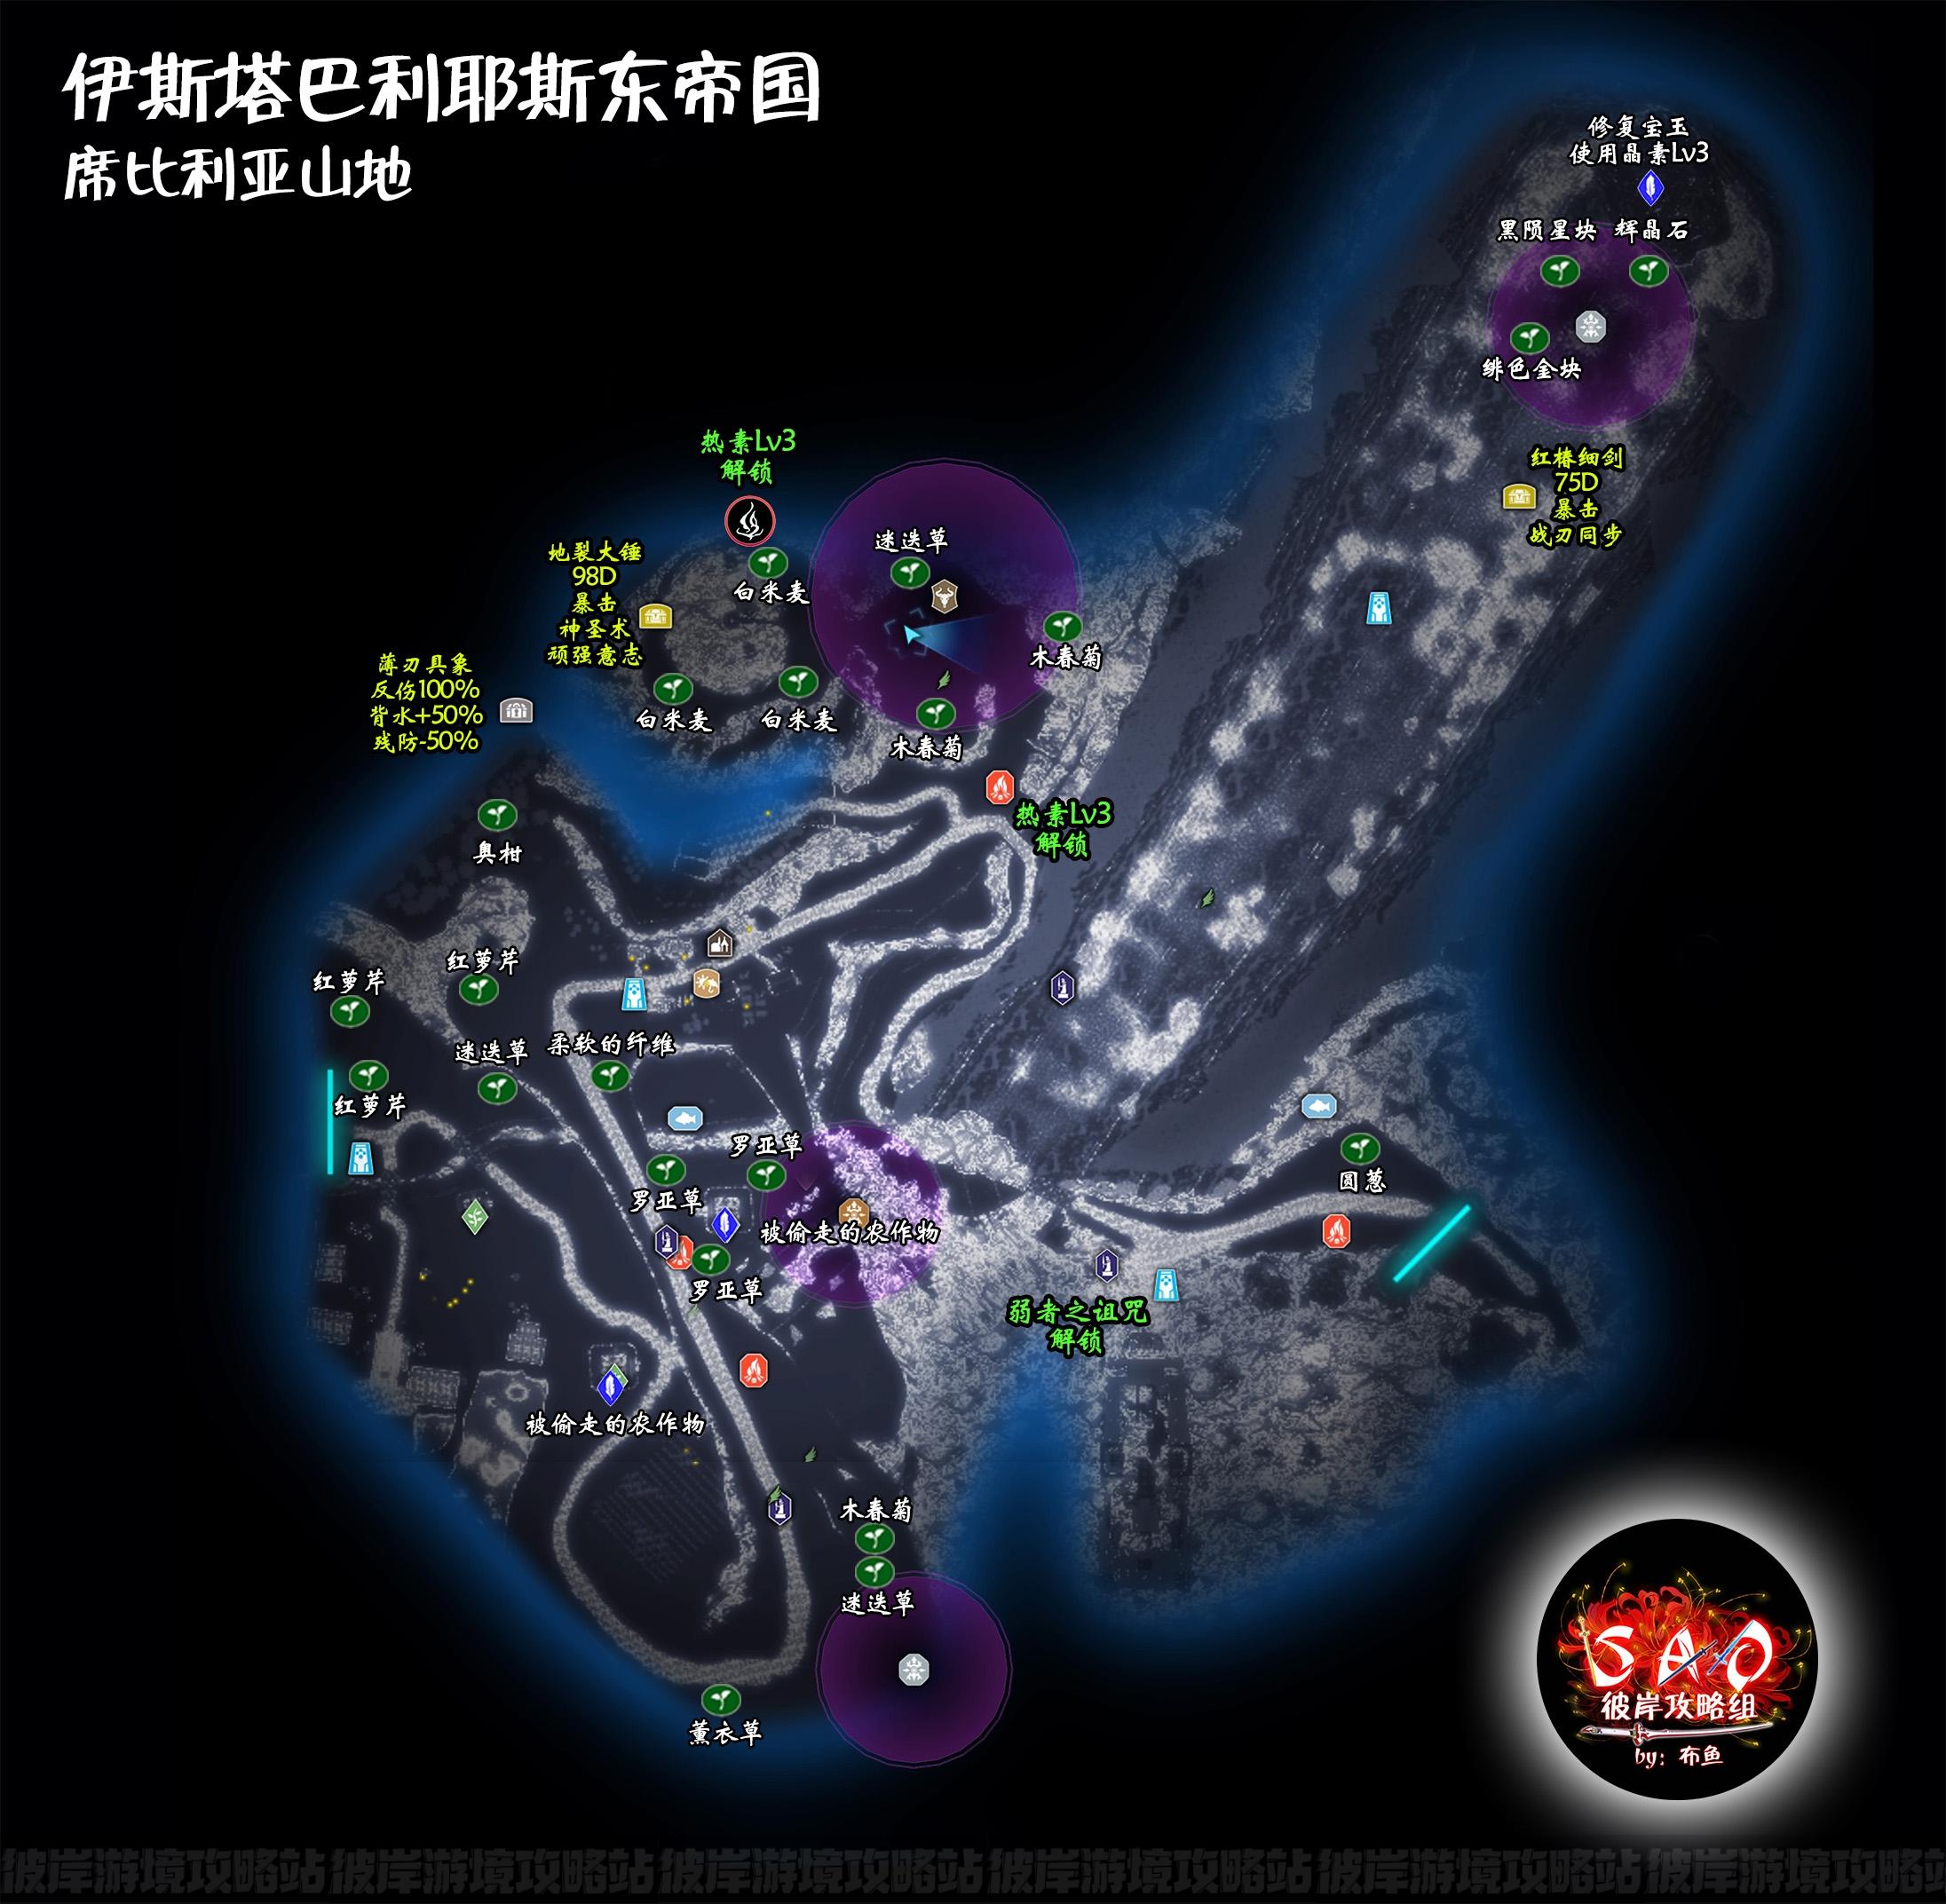 【SAOAL攻略組】超完全流程地圖攻略及新手指引-席比利亞山地篇-刀劍神域彼岸游境攻略站